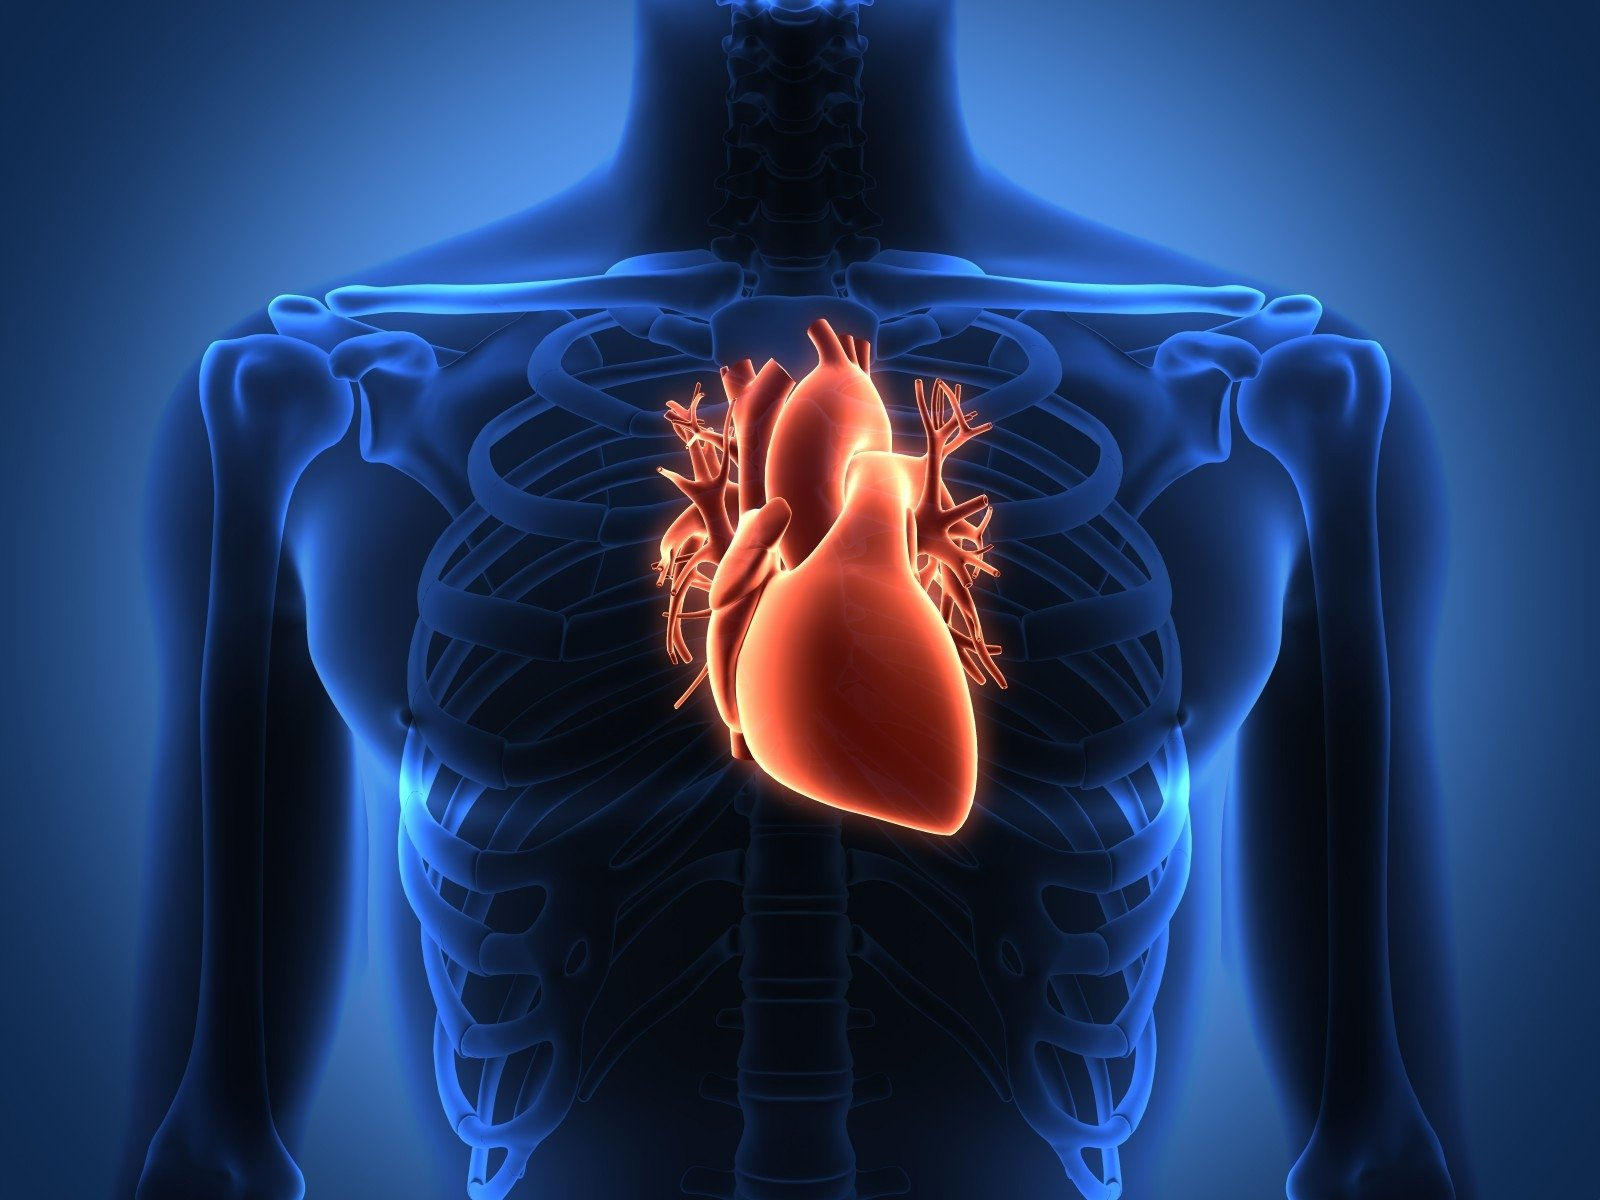 koks vitaminas yra naudingas širdies sveikatai